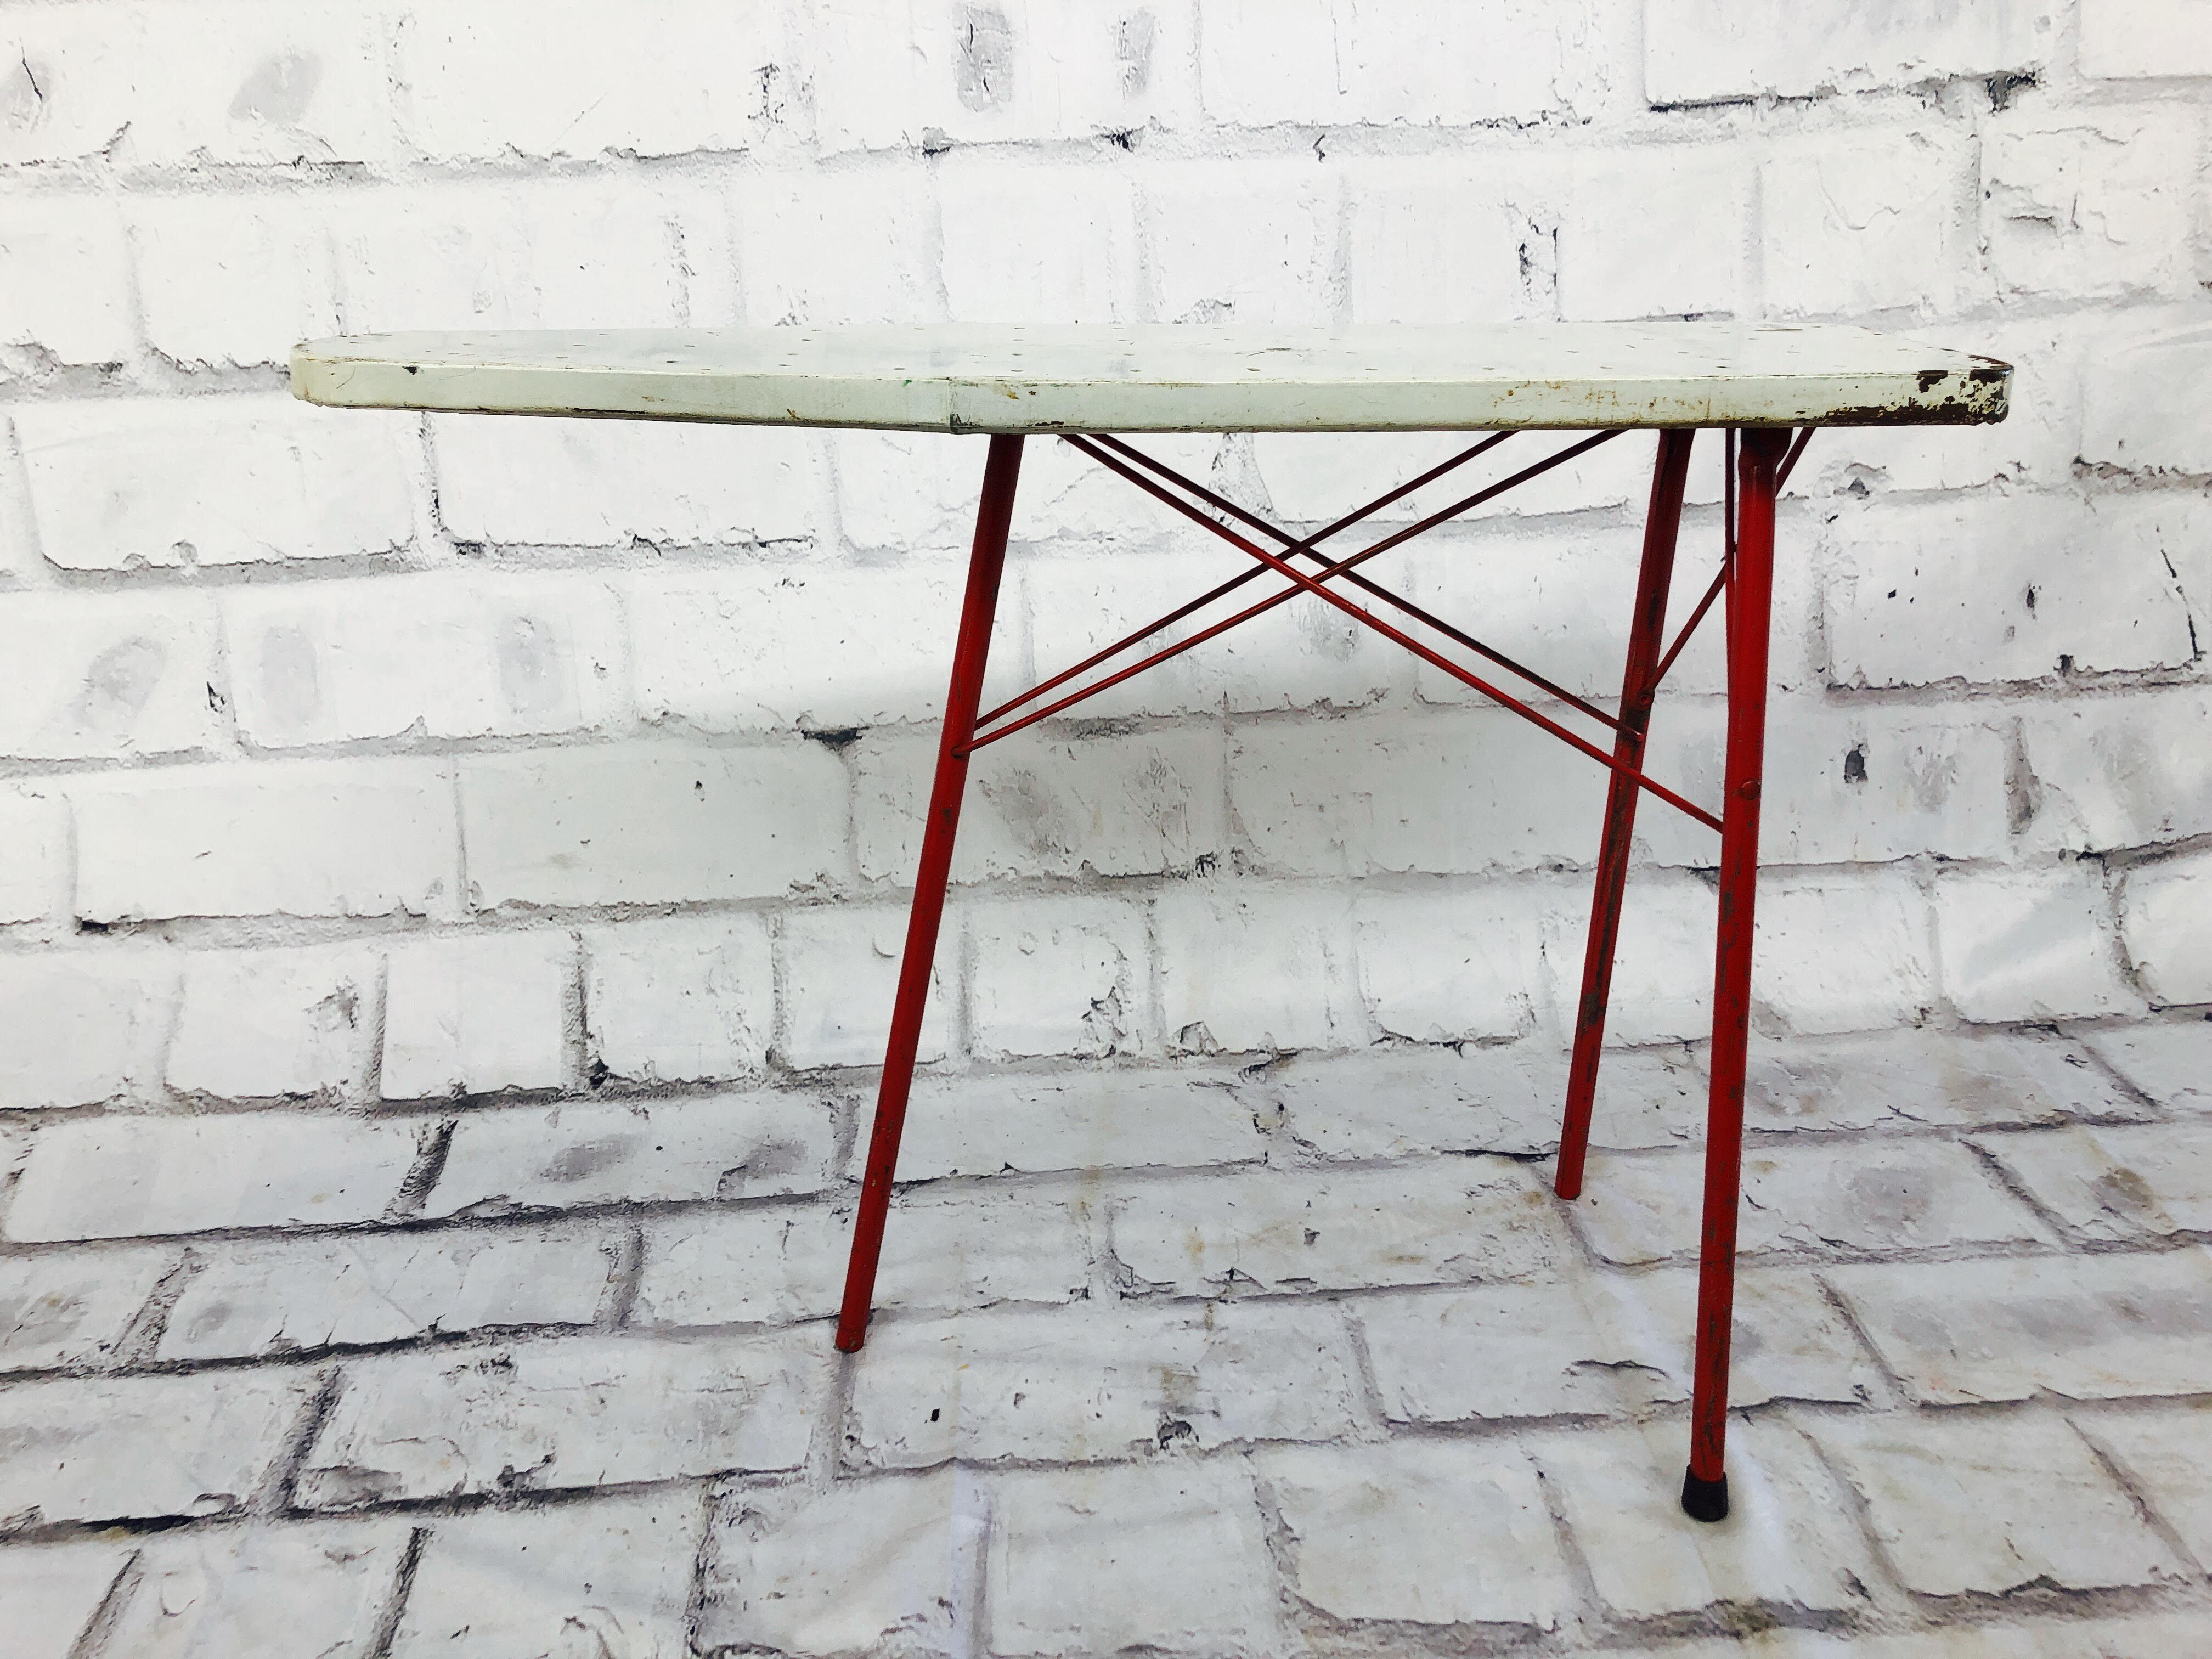 品番5896 アイロン台  アイロンテーブル スチール製 ホワイト / レッド 折り畳み式 ヴィンテージ